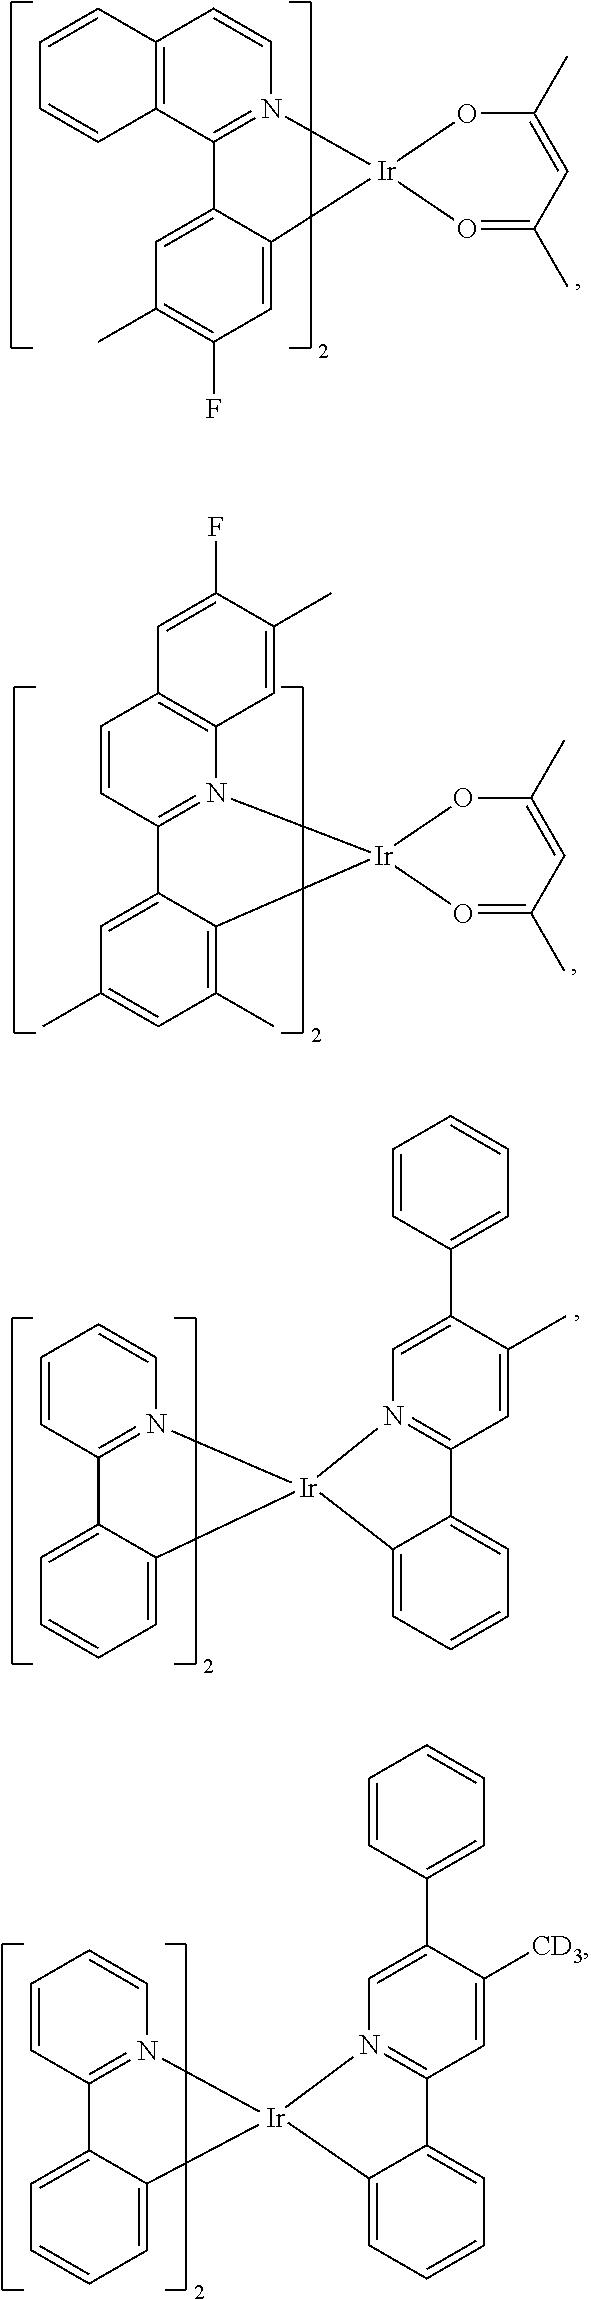 Figure US09859510-20180102-C00086